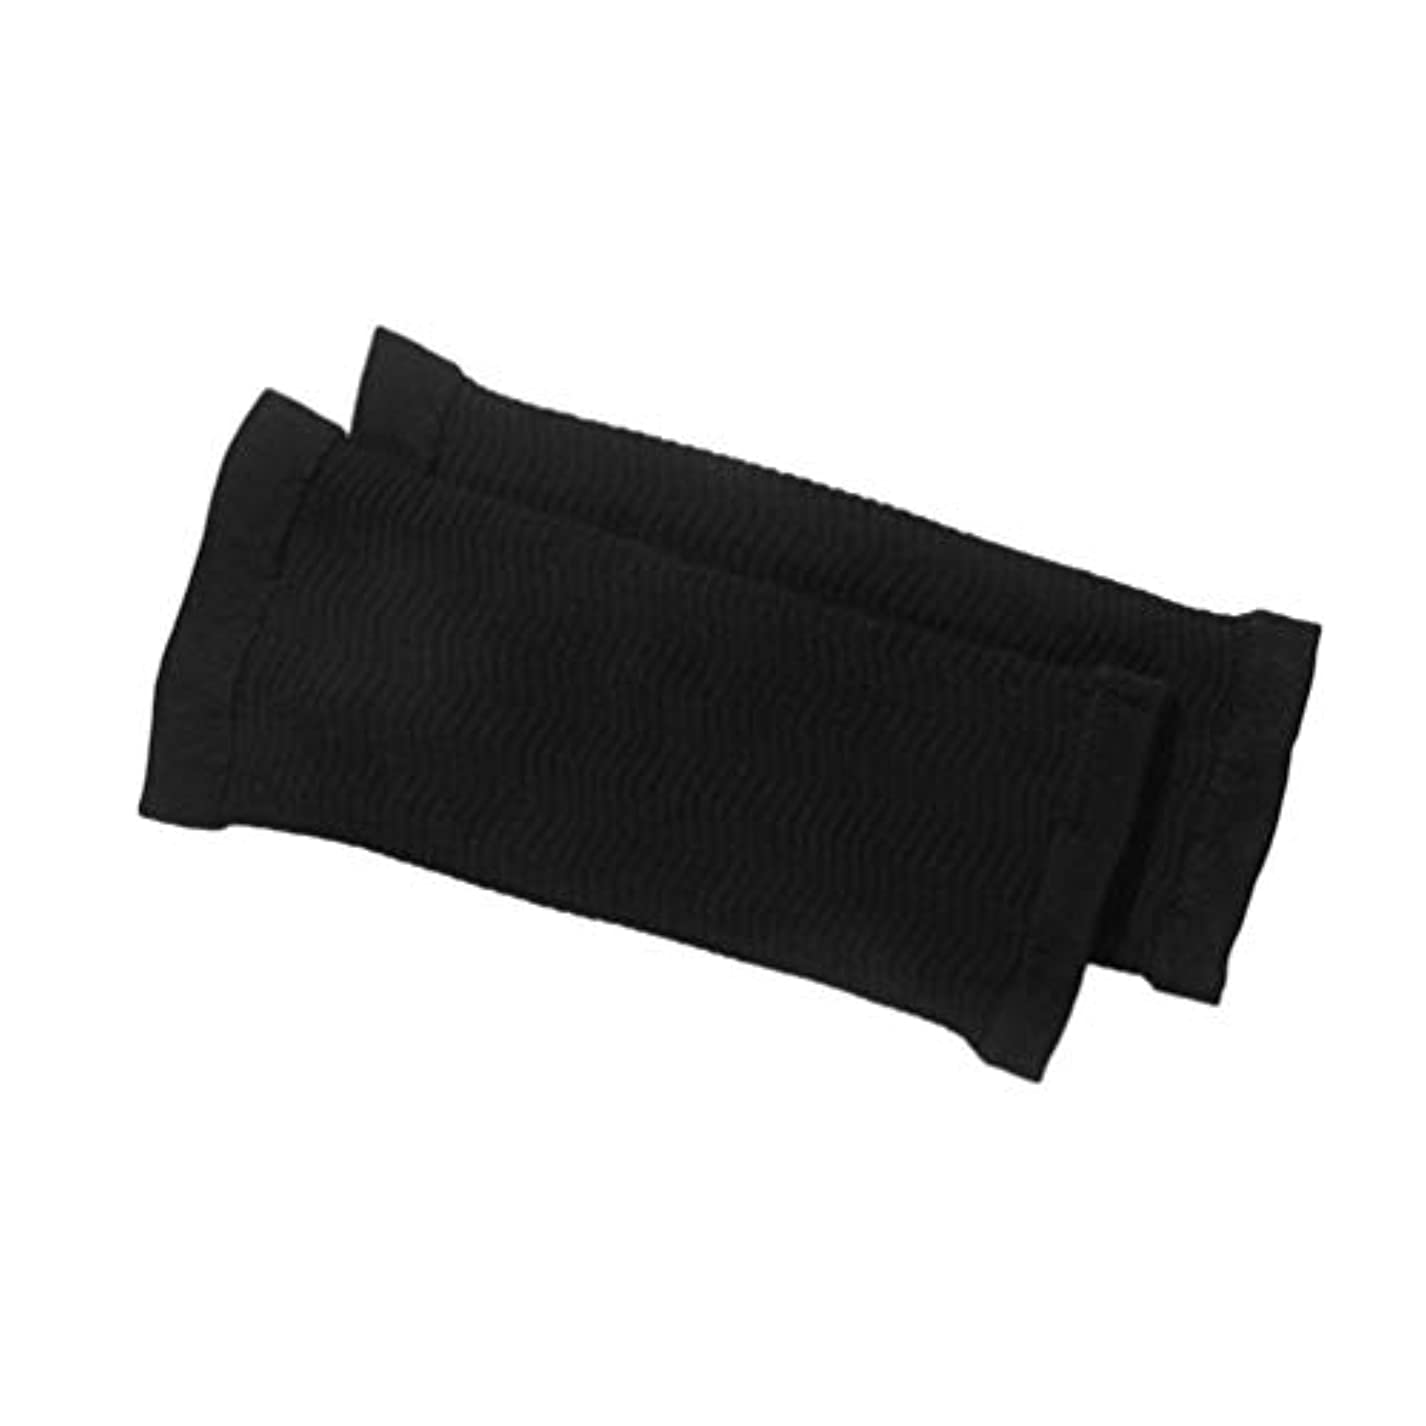 コントラストアーク多年生1ペア420 D圧縮痩身アームスリーブワークアウトトーニングバーンセルライトシェイパー脂肪燃焼袖用女性 - 黒